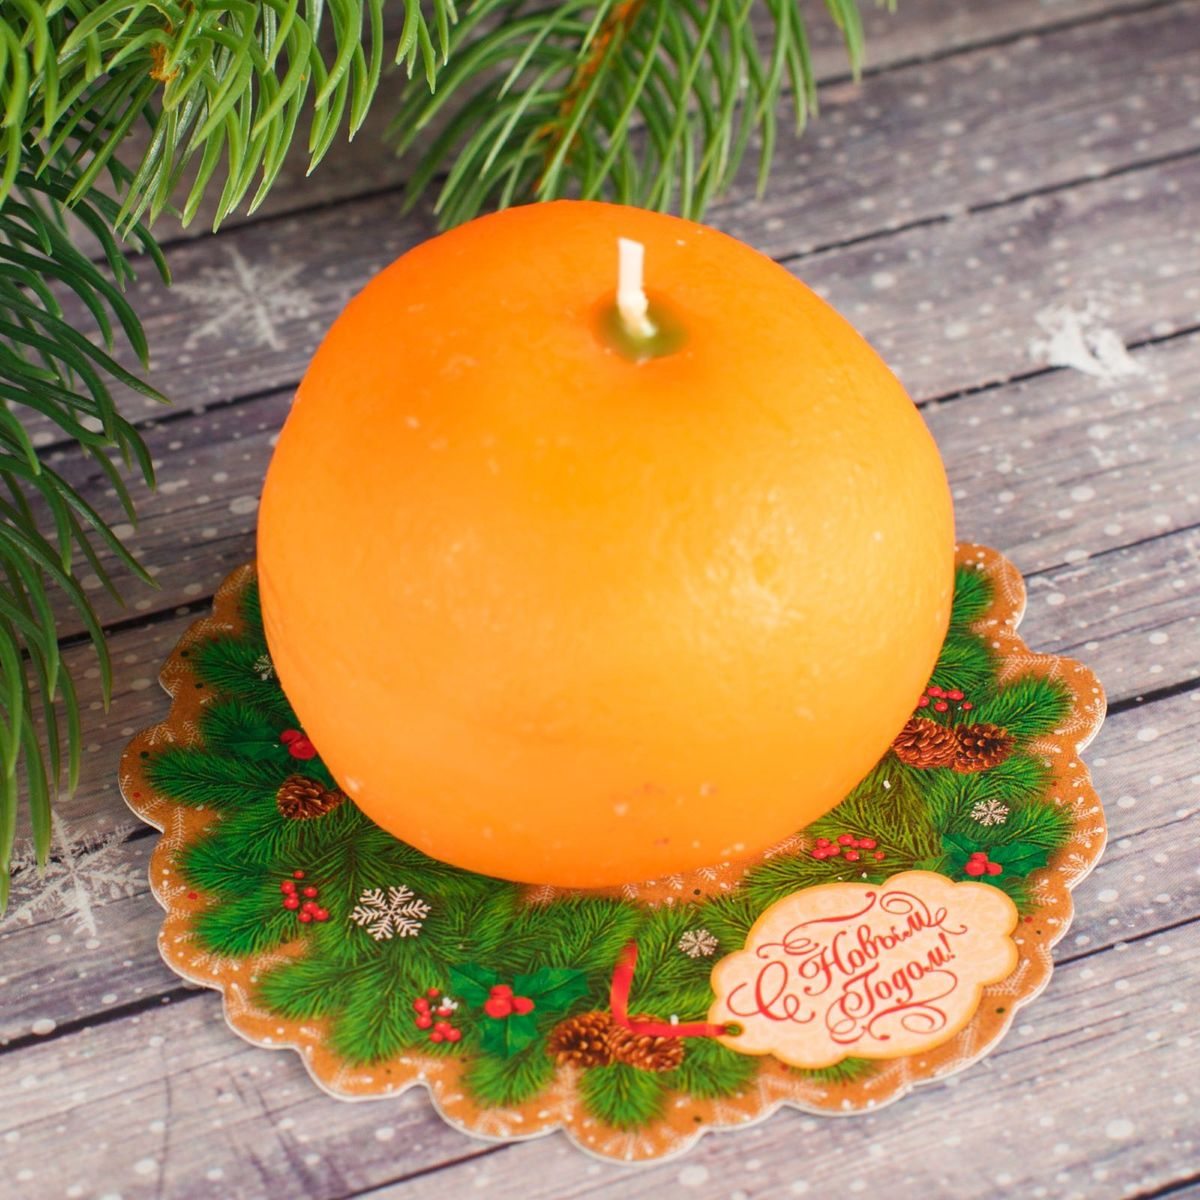 Свеча декоративная Sima-land Мандарин. С Новым годом, цвет: оранжевый, высота 5 см2306773Какой новогодний стол без свечей? Вместе с мандаринами, шампанским и еловыми ветвями они создадут сказочную атмосферу, а их притягательное пламя подарит ощущение уюта и тепла.А еще это отличная идея для подарка! Оградит от невзгод и поможет во всех начинаниях в будущем году.Пусть удача сопутствует вам и вашим близким!Каждому хозяину периодически приходит мысль обновить свою квартиру, сделать ремонт, перестановку или кардинально поменять внешний вид каждойкомнаты. Привлекательная деталь, которая поможет воплотить вашу интерьерную идею, создать неповторимую атмосферу в вашем доме. Окружите себя приятными мелочами, пусть они радуют глаз и дарят гармонию.Невозможно представить нашу жизнь без праздников! Мы всегда ждем их и предвкушаем, обдумываем, как проведем памятный день, тщательно выбираем подарки и аксессуары, ведь именно они создают и поддерживают торжественный настрой - это отличный выбор, который привнесет атмосферу праздника в ваш дом!